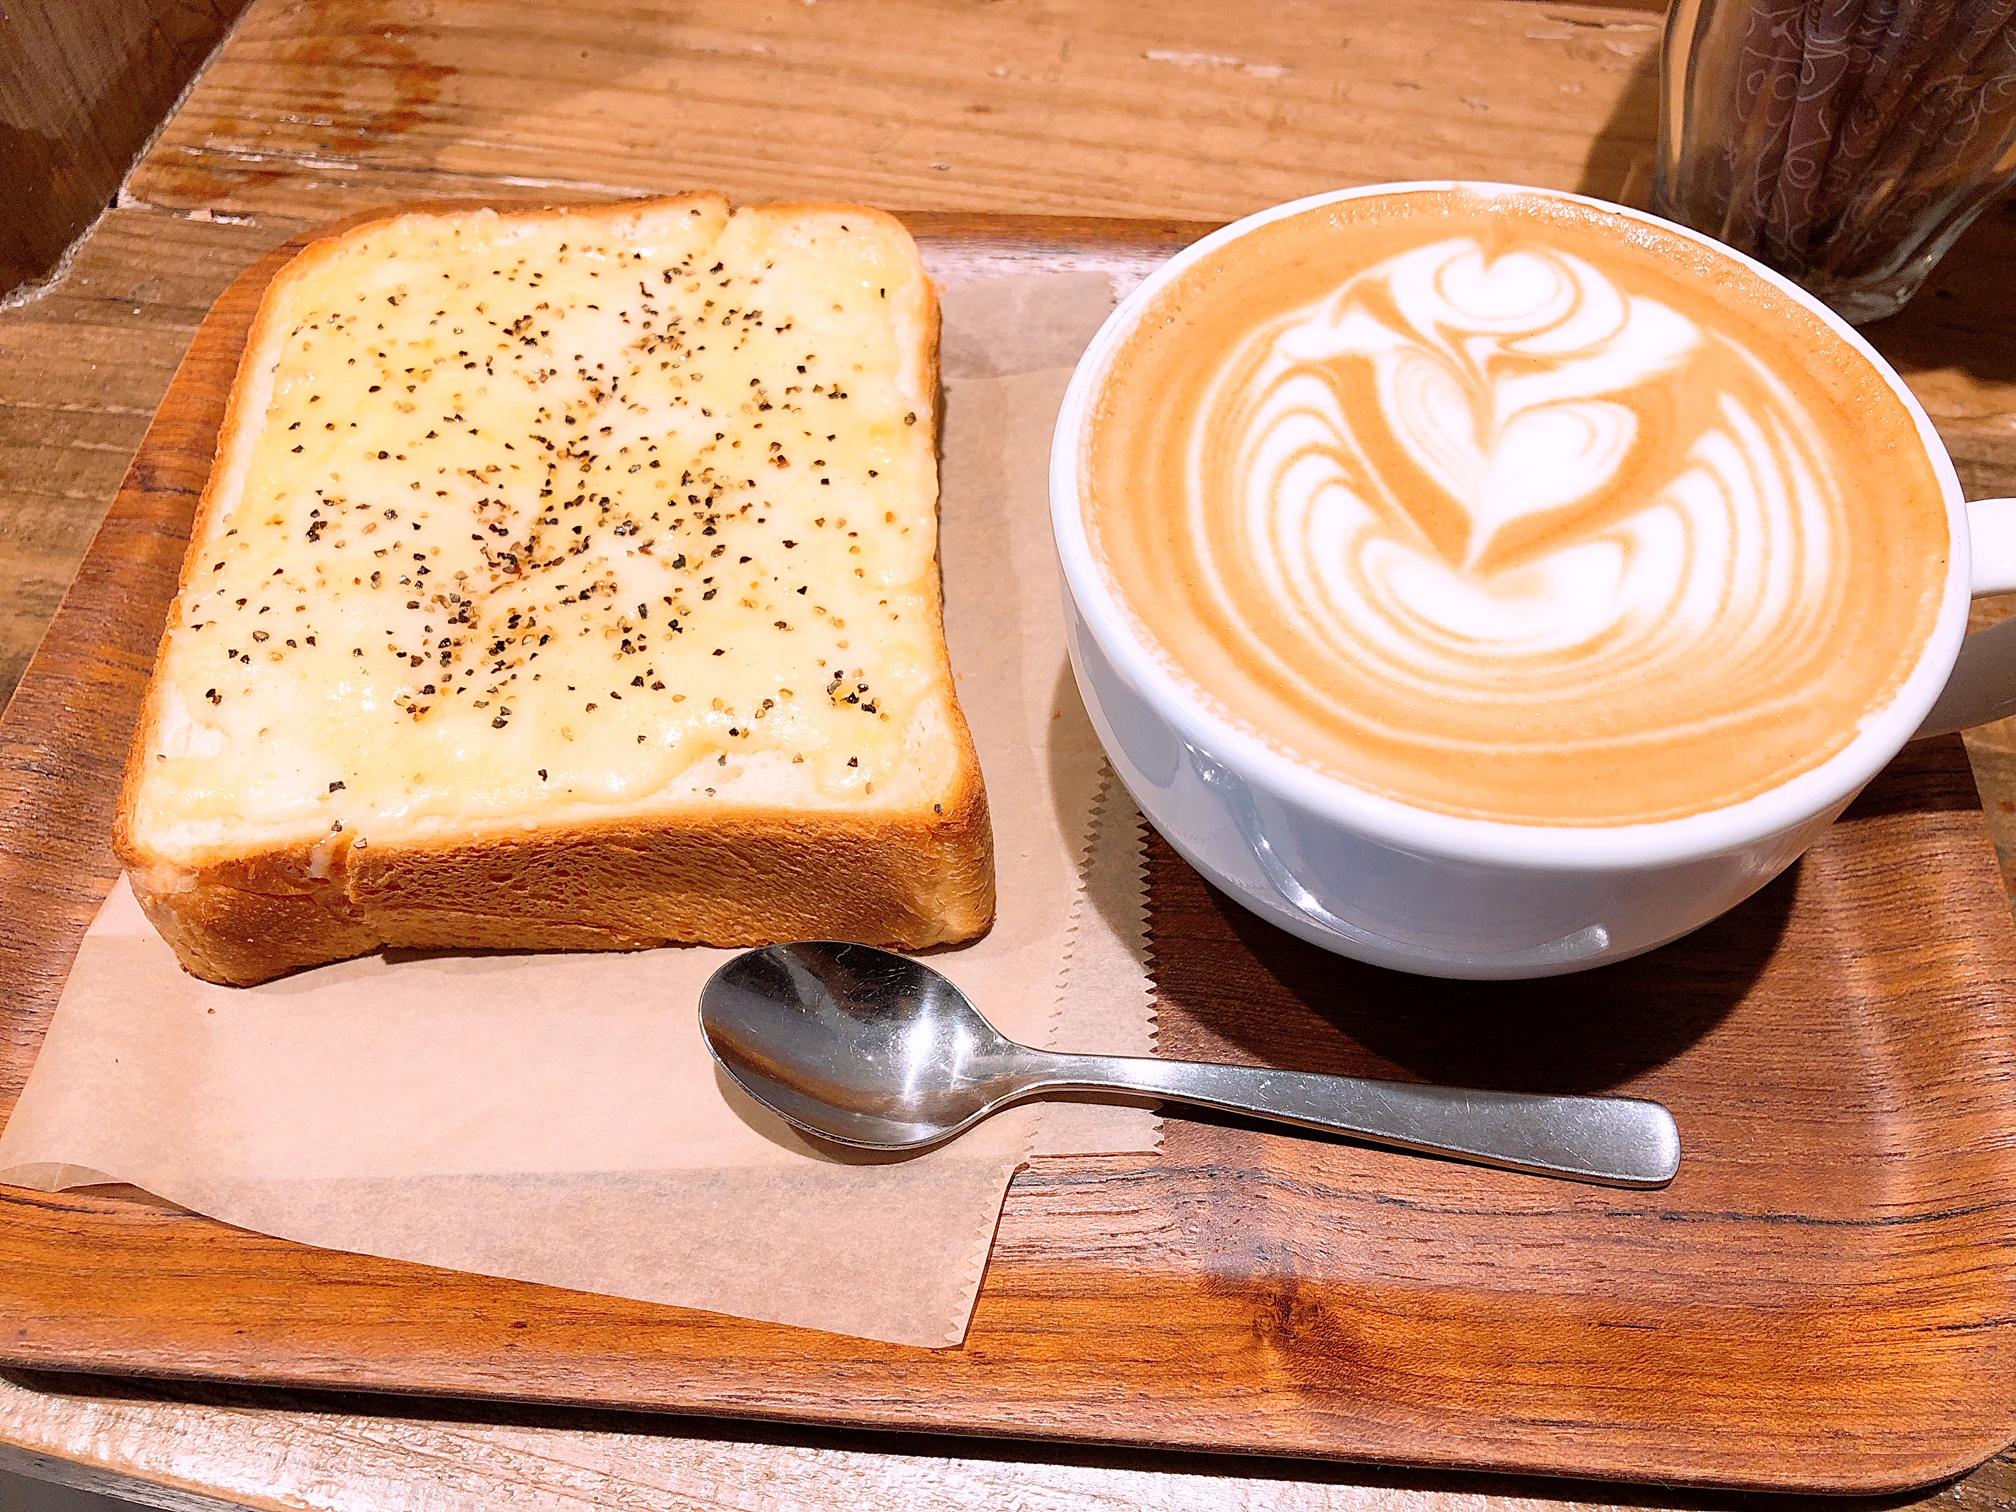 喧騒忘れほっとひと息♡朝から営業しているオススメの蔵前カフェ2選【コフィノワ/FEBRUARY CAFE】